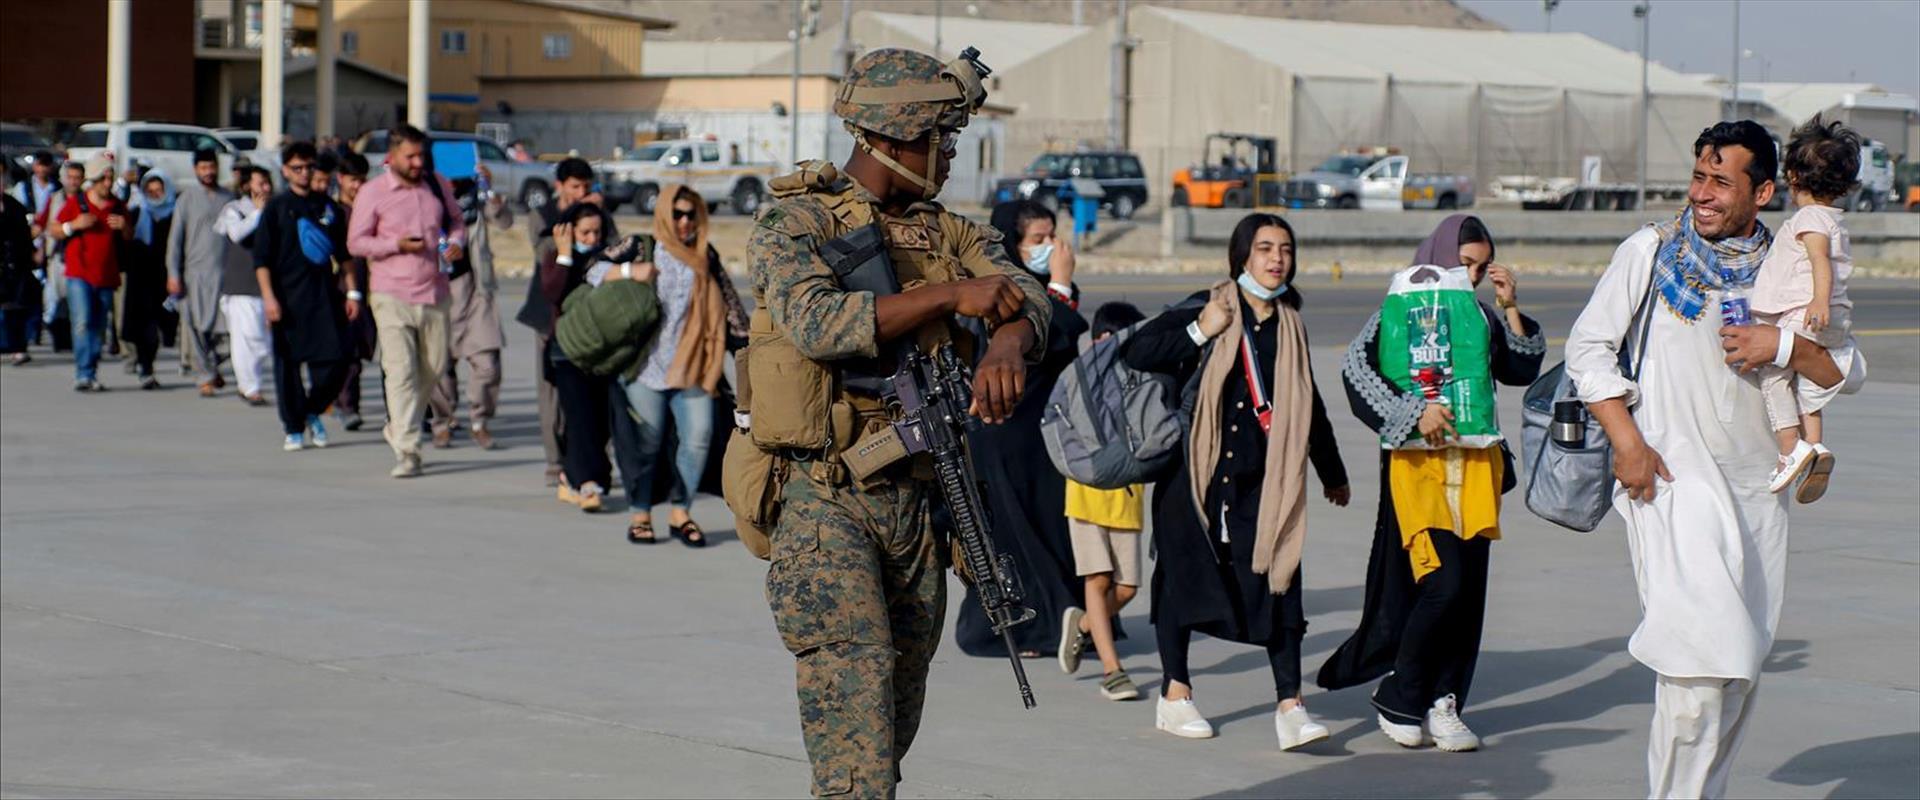 פליטים בשדה התעופה בקאבול, השבוע